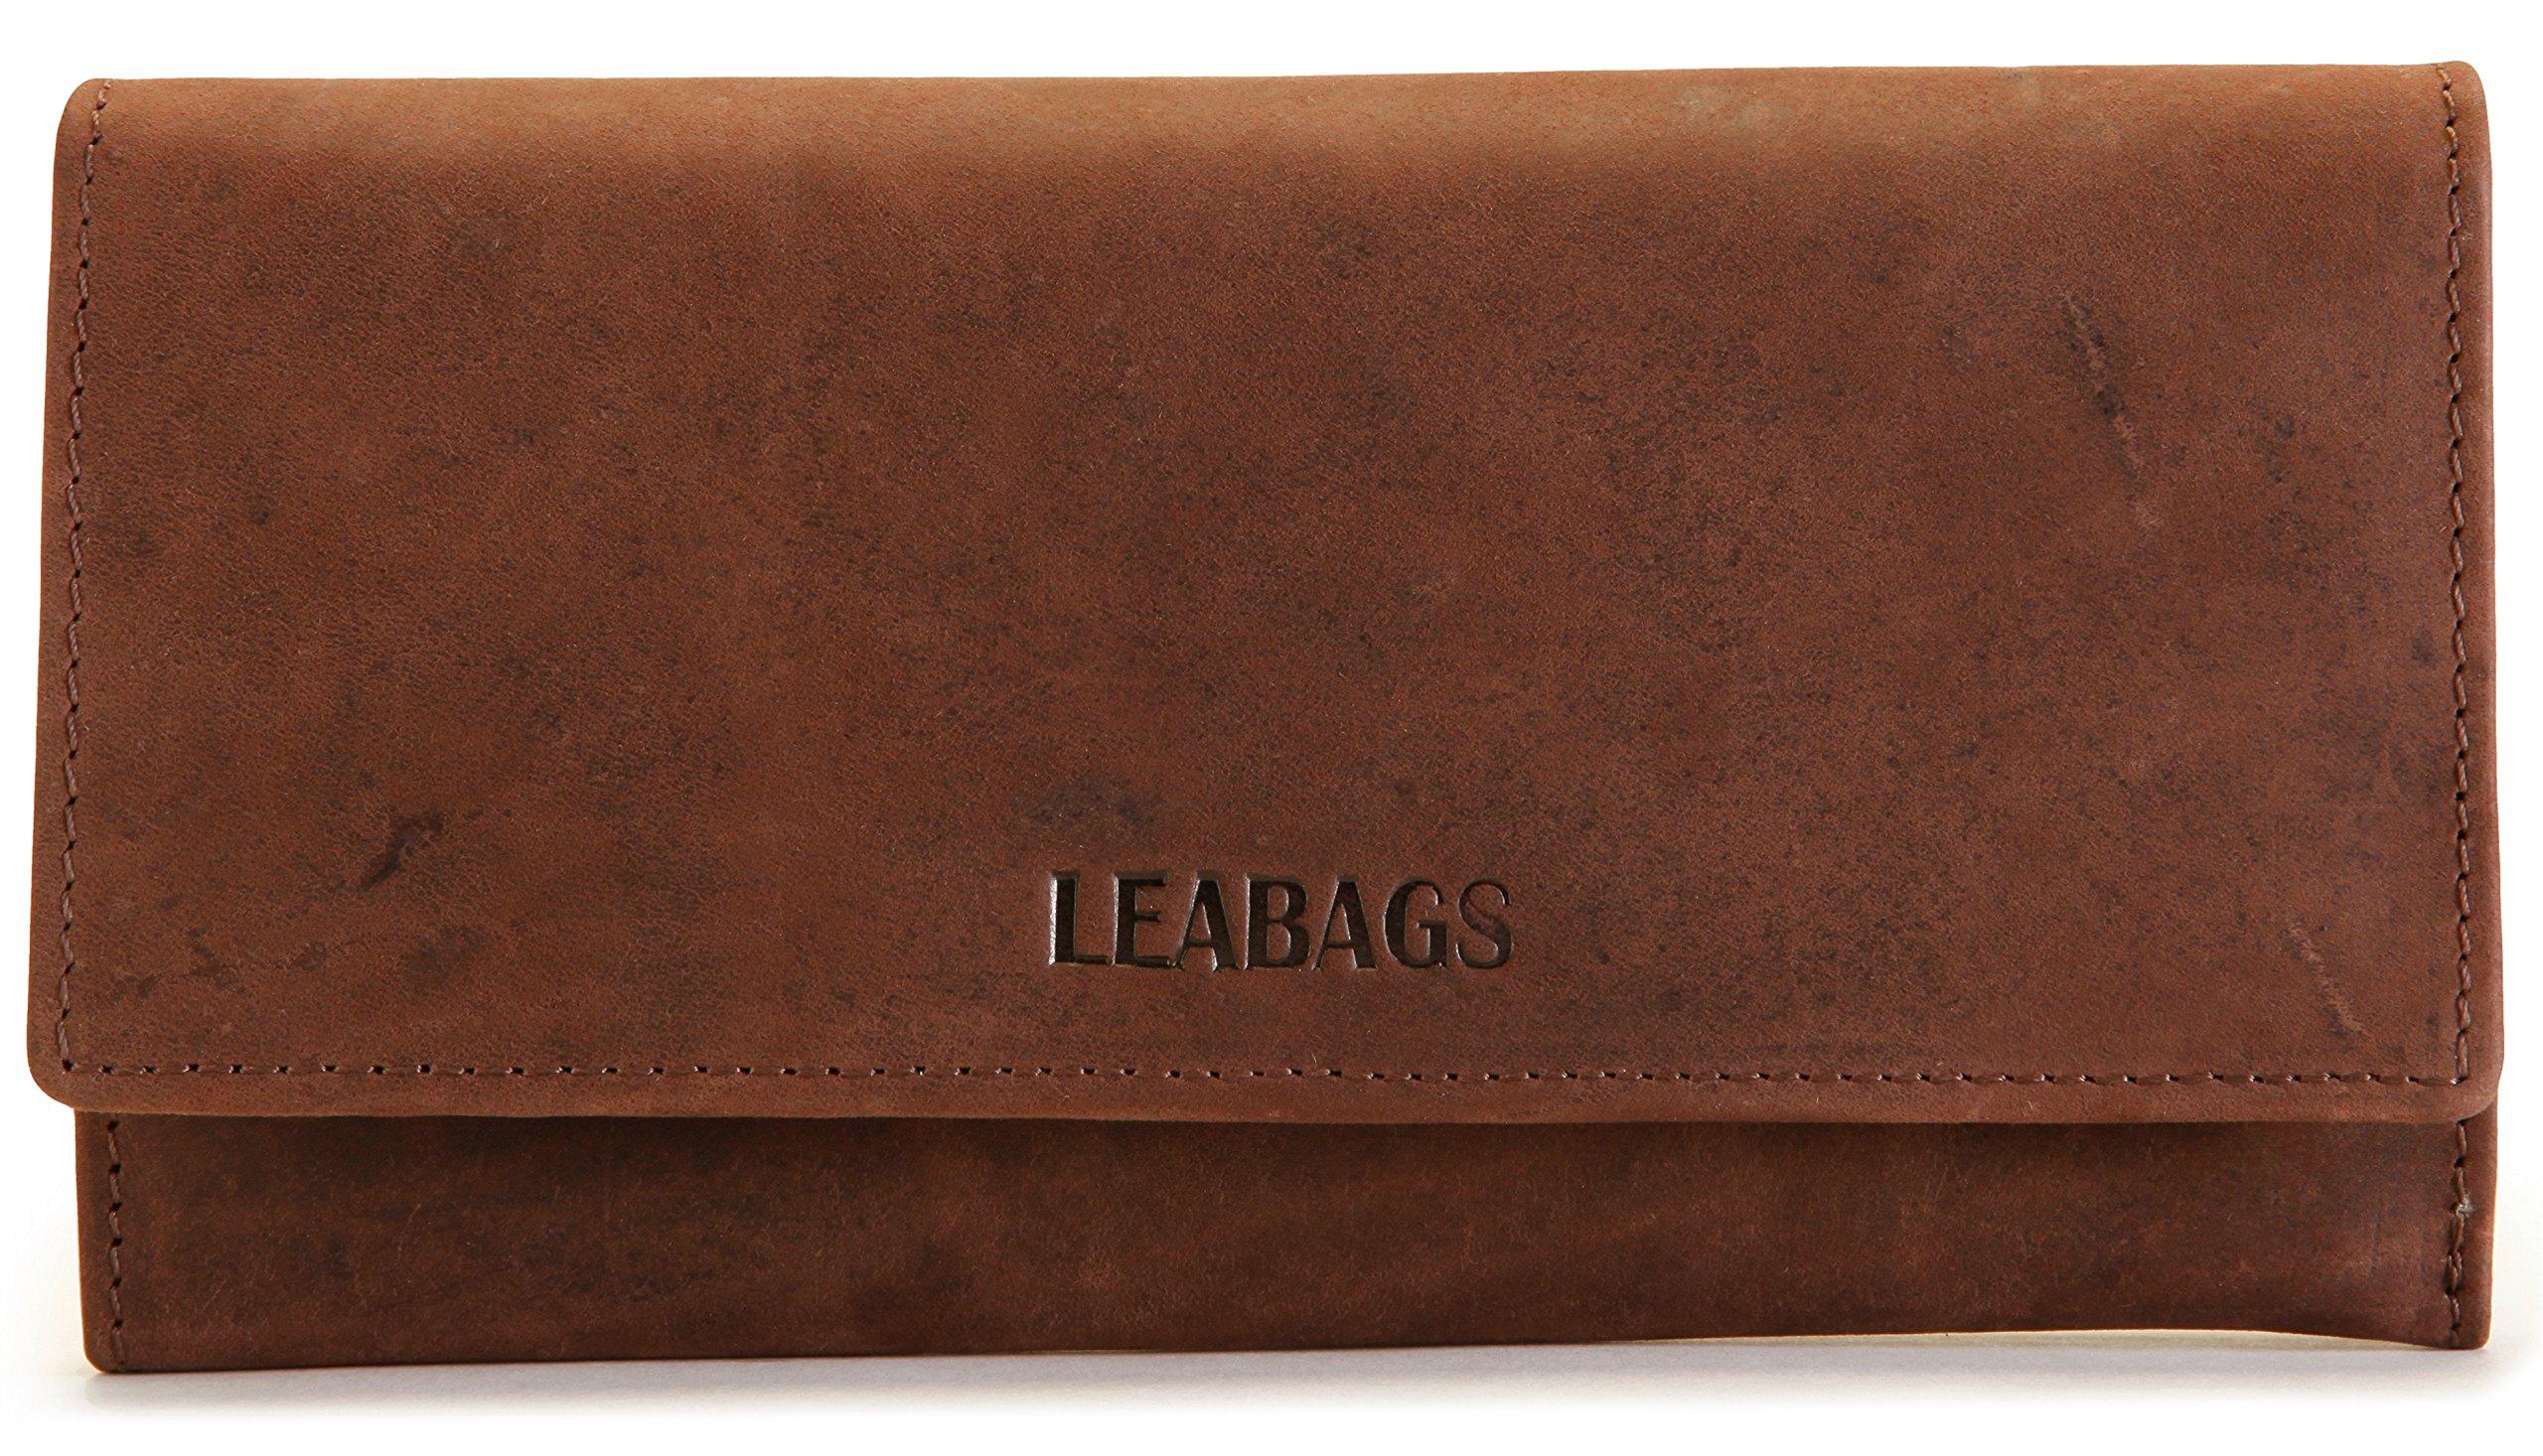 LEABAGS Charlotte genuine buffalo leather women's wallet in vintage style - Nutmeg